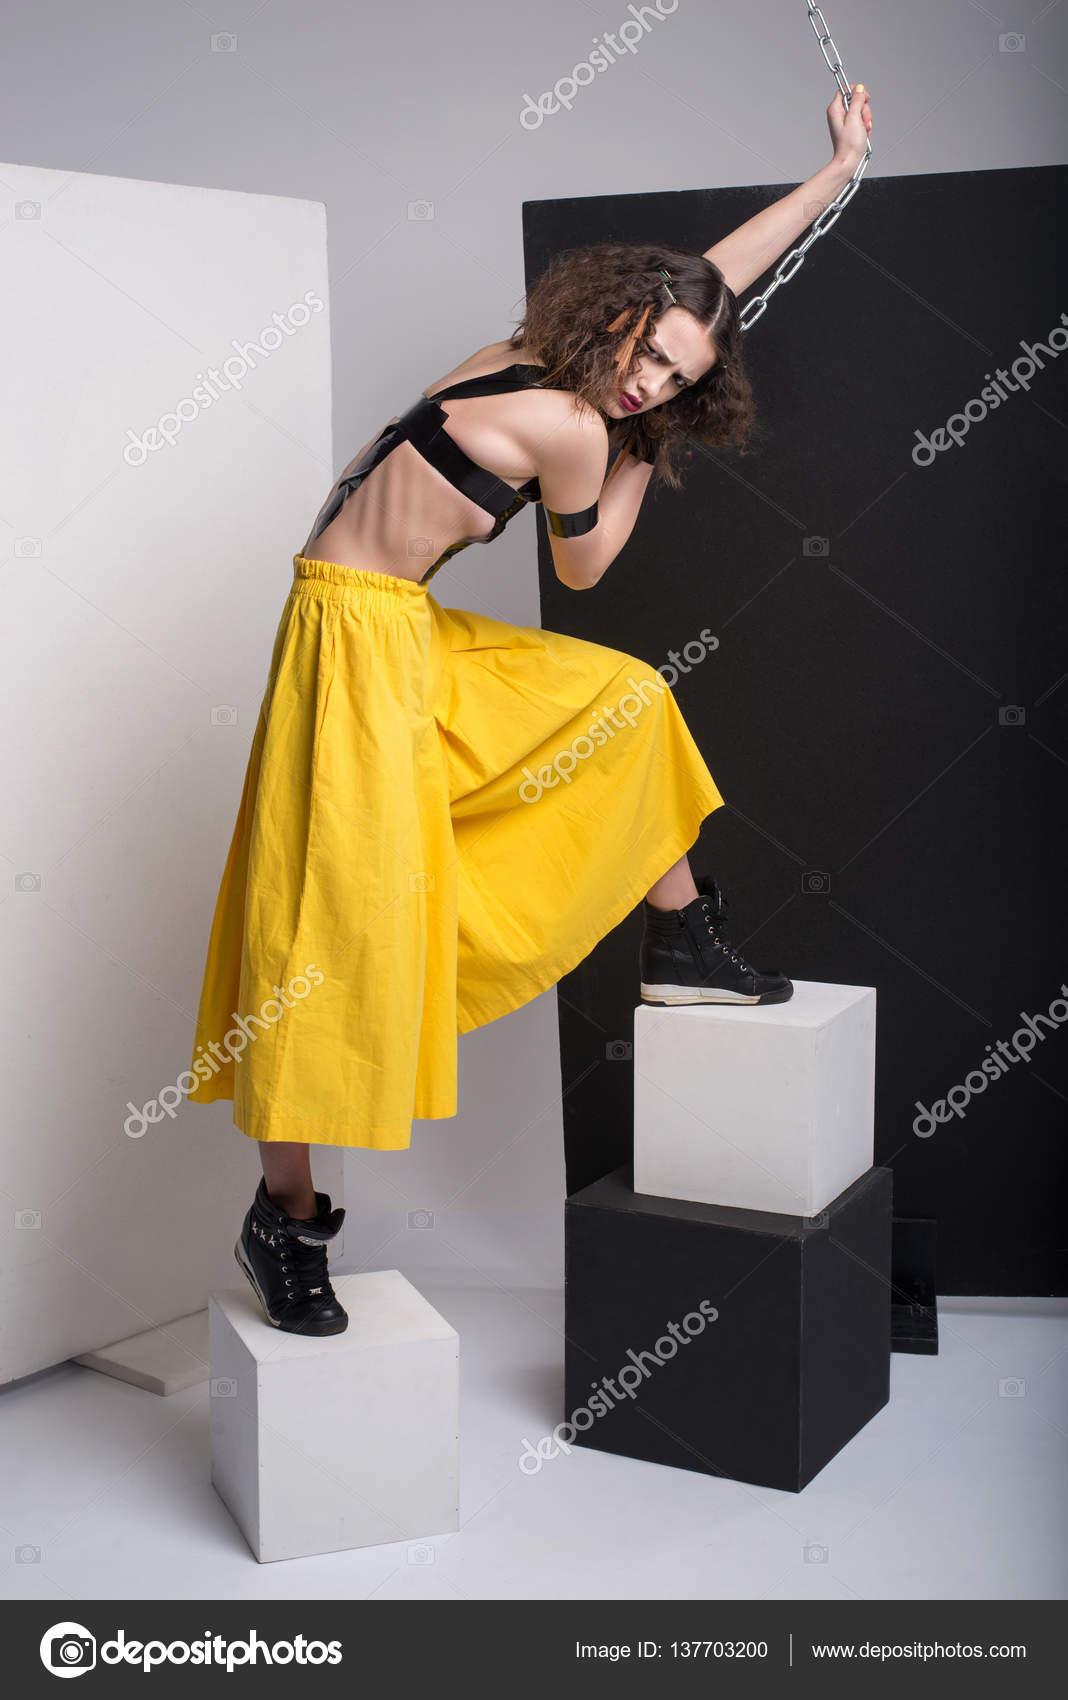 Dragen Van Poseren In Mooi Mode Foto StudioHet Gele De Meisje OPkZTXulwi